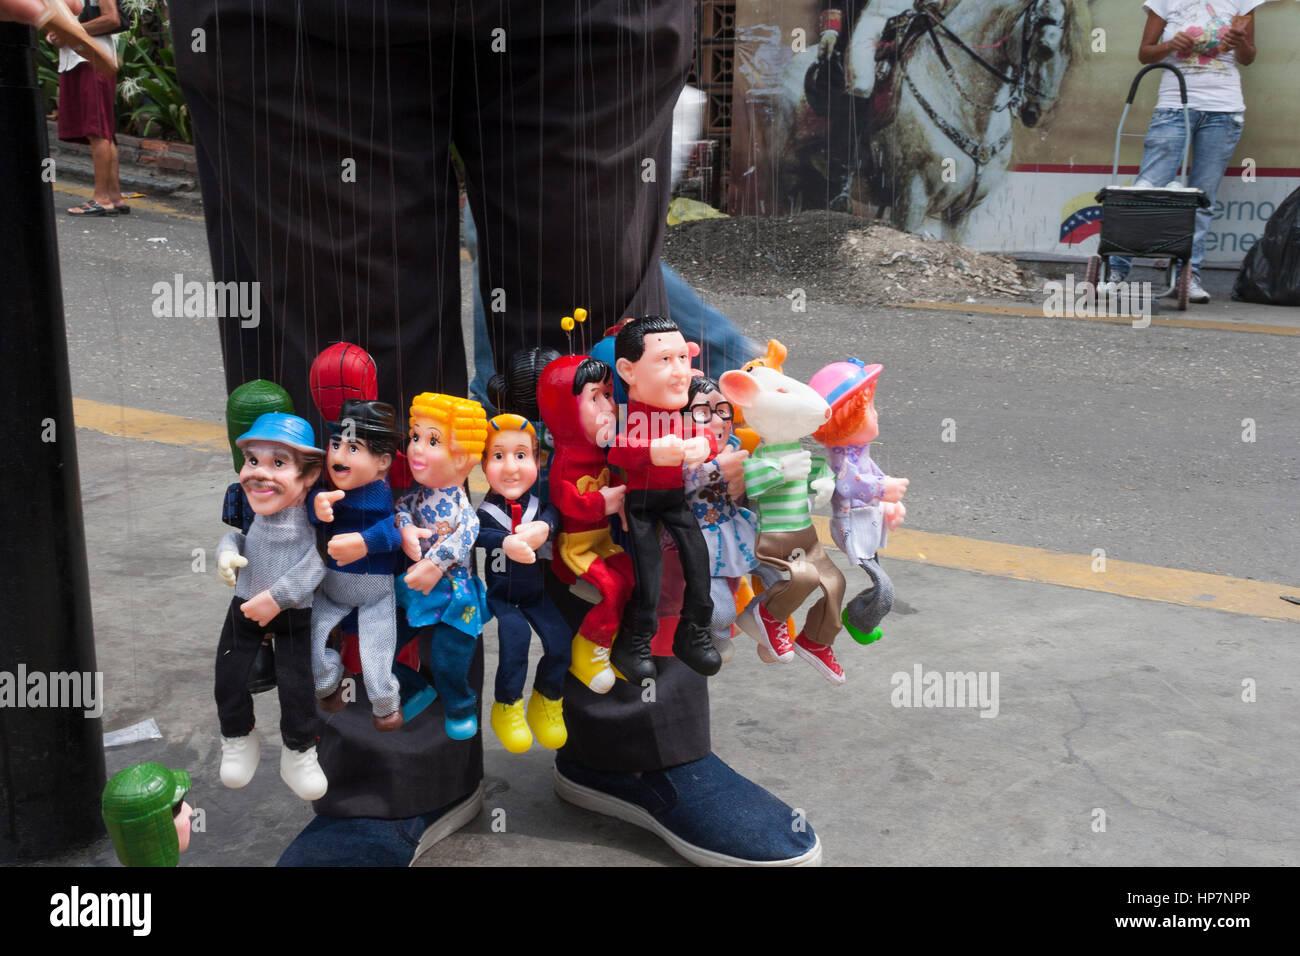 Caracas, Dtto Capital / Venezuela - 04/04/2012.Puppets Street seller with socialist political leader Hugo Chávez Stock Photo